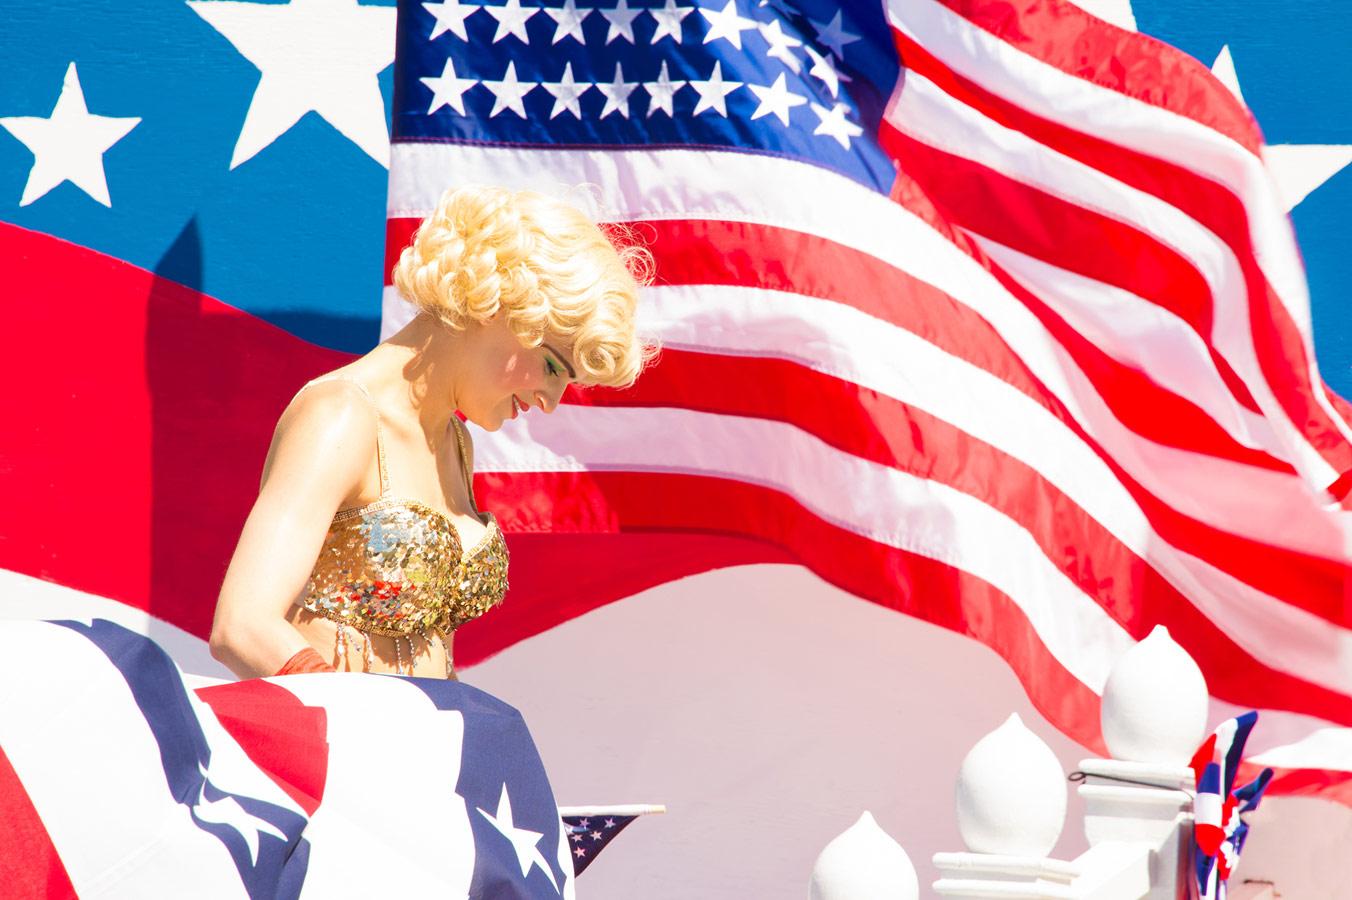 Мисс США, © Яника Анукульпун, Таиланд, Конкурс портретной фотографии Kuala Lumpur